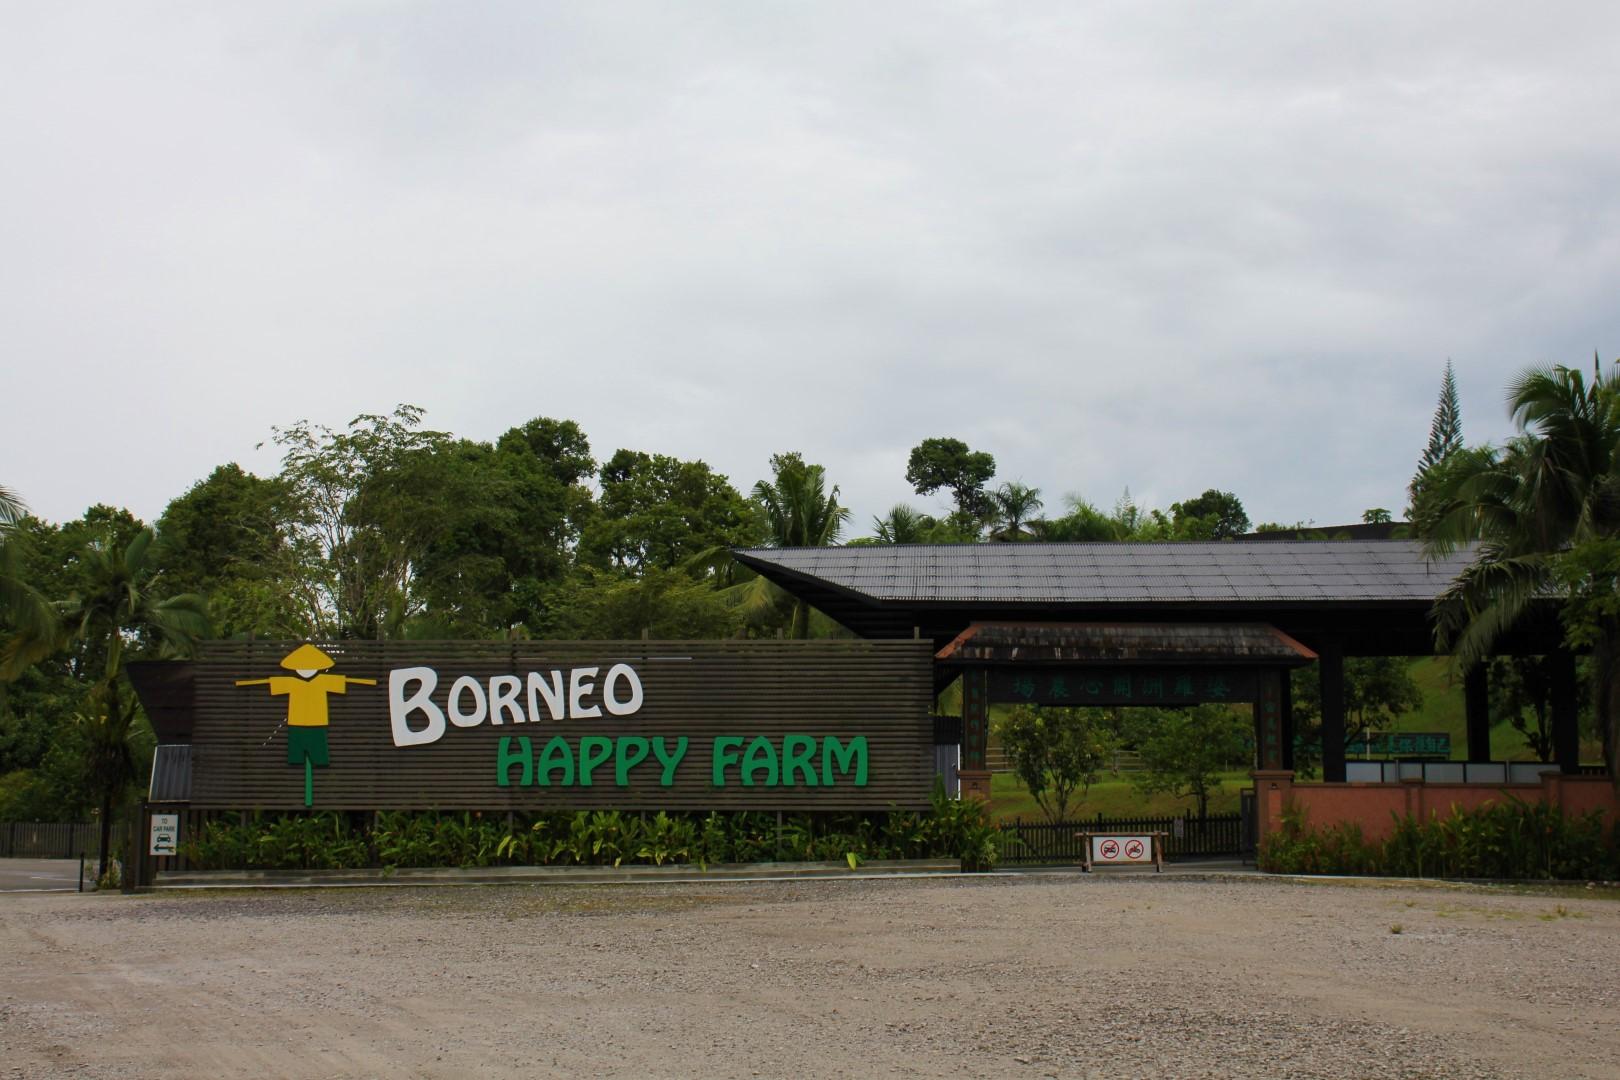 Borneo Happy Farm Entrance